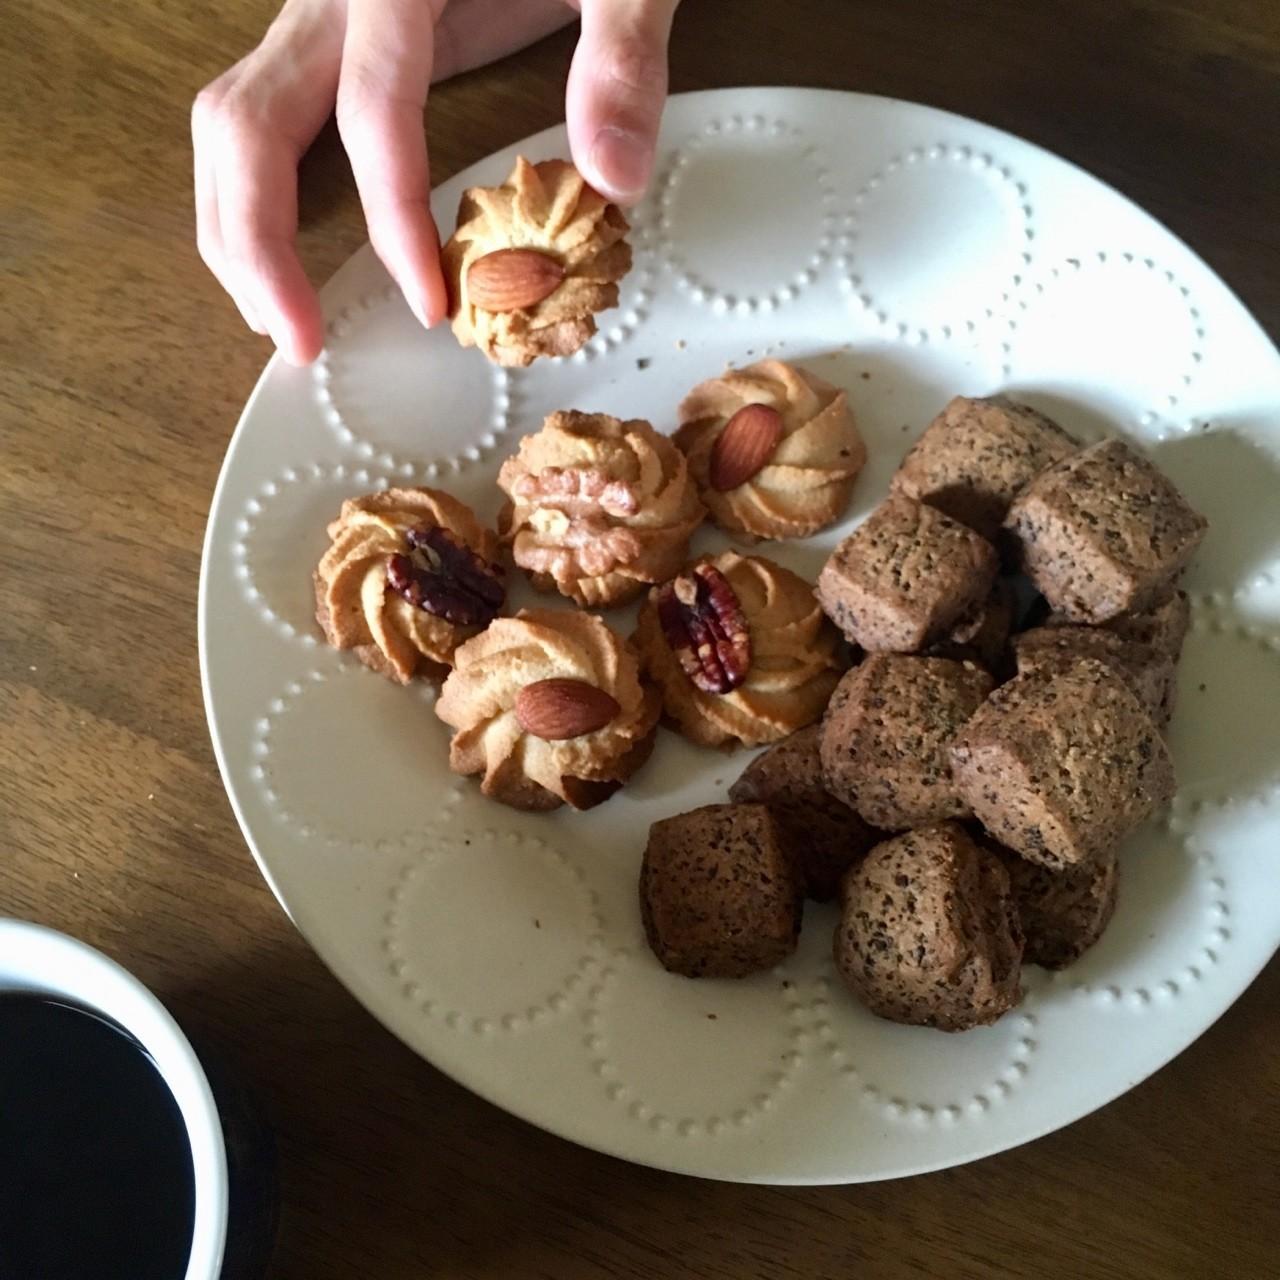 【カルダモン クッキー】を作り届ける訳。